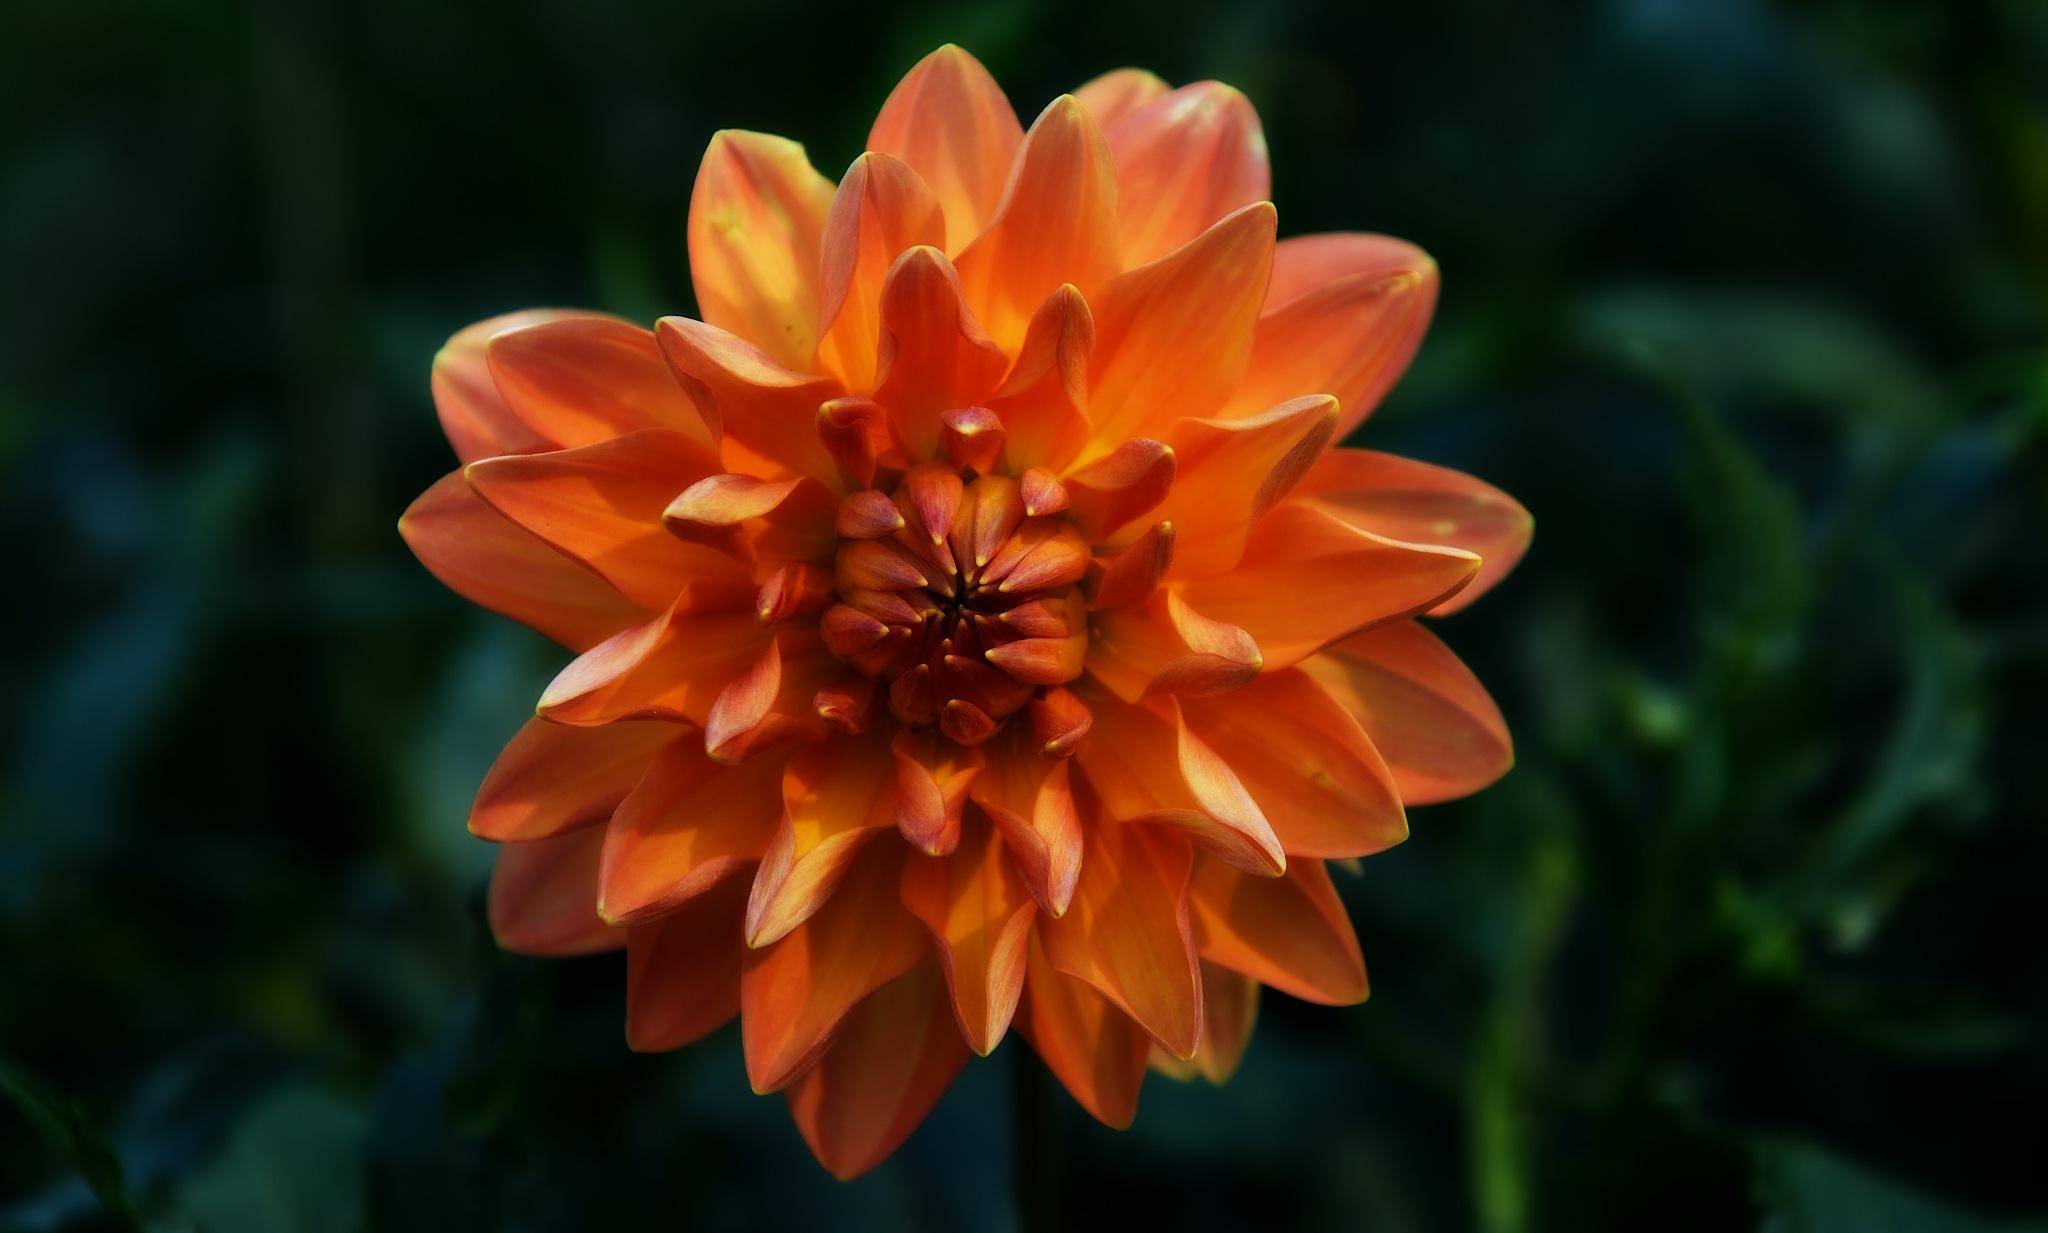 Bloom'n D. by tiggs